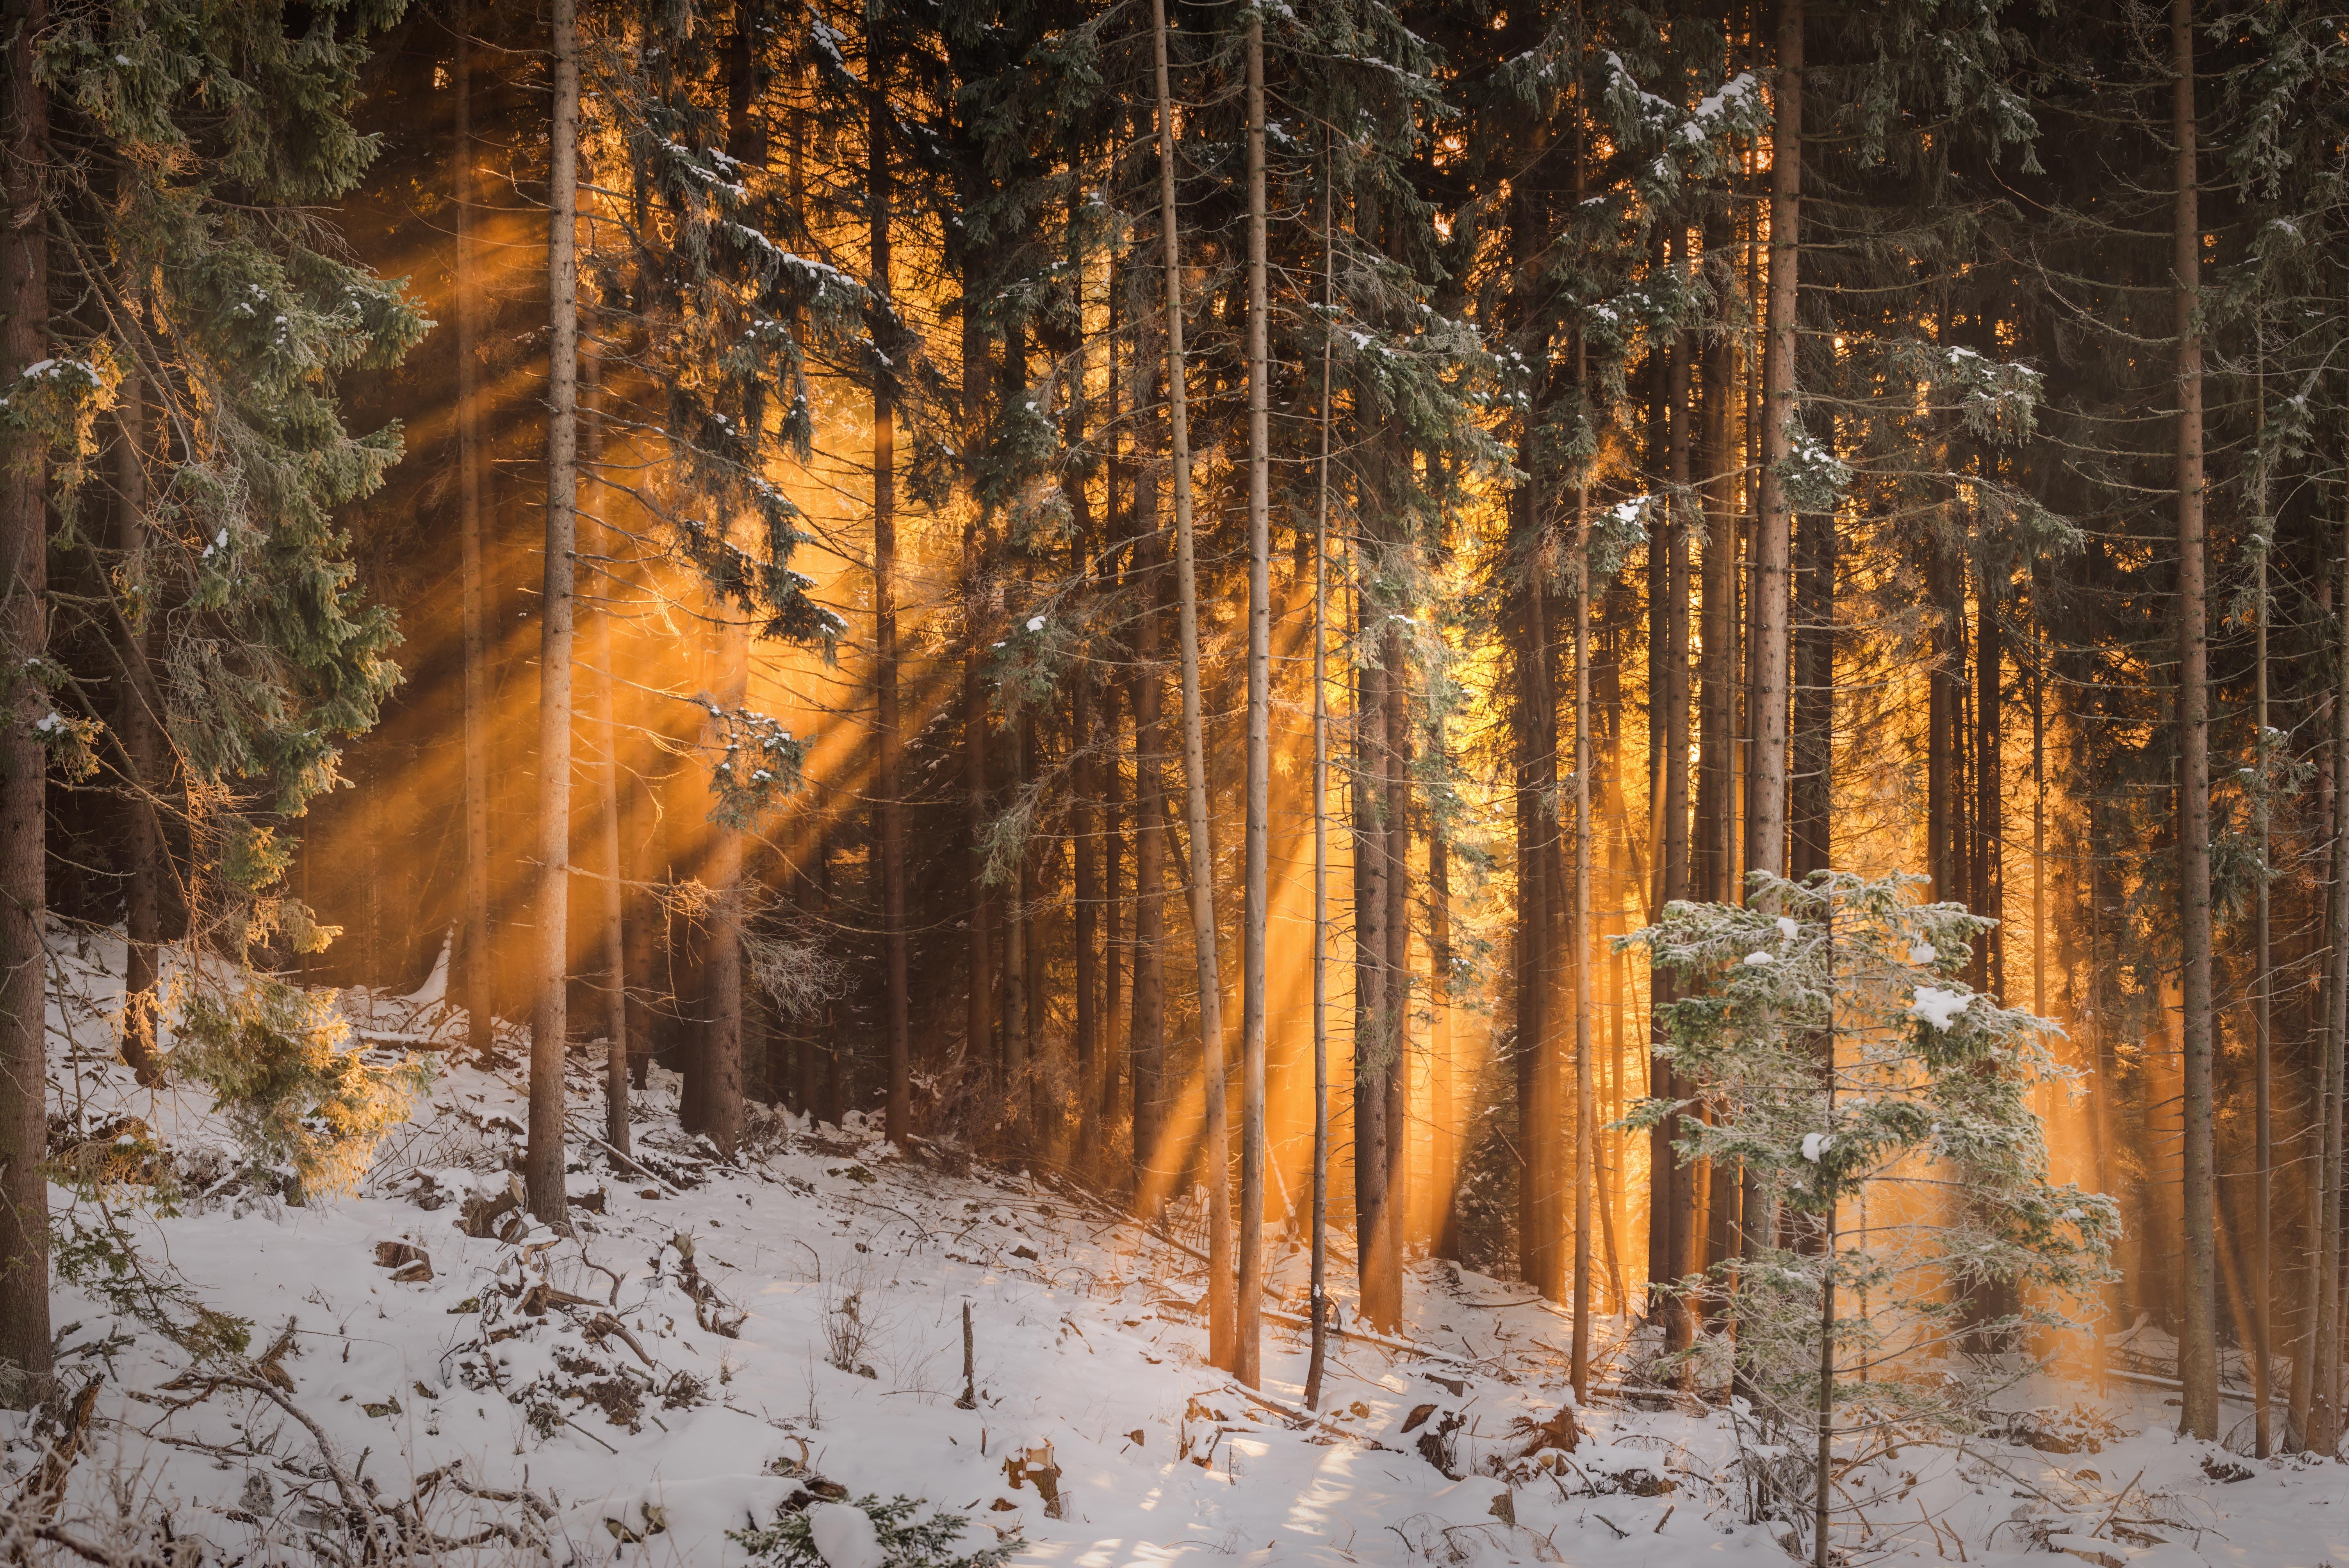 107961 Hintergrundbild herunterladen Wald, Bäume, Winterreifen, Natur, Sonnenlicht - Bildschirmschoner und Bilder kostenlos